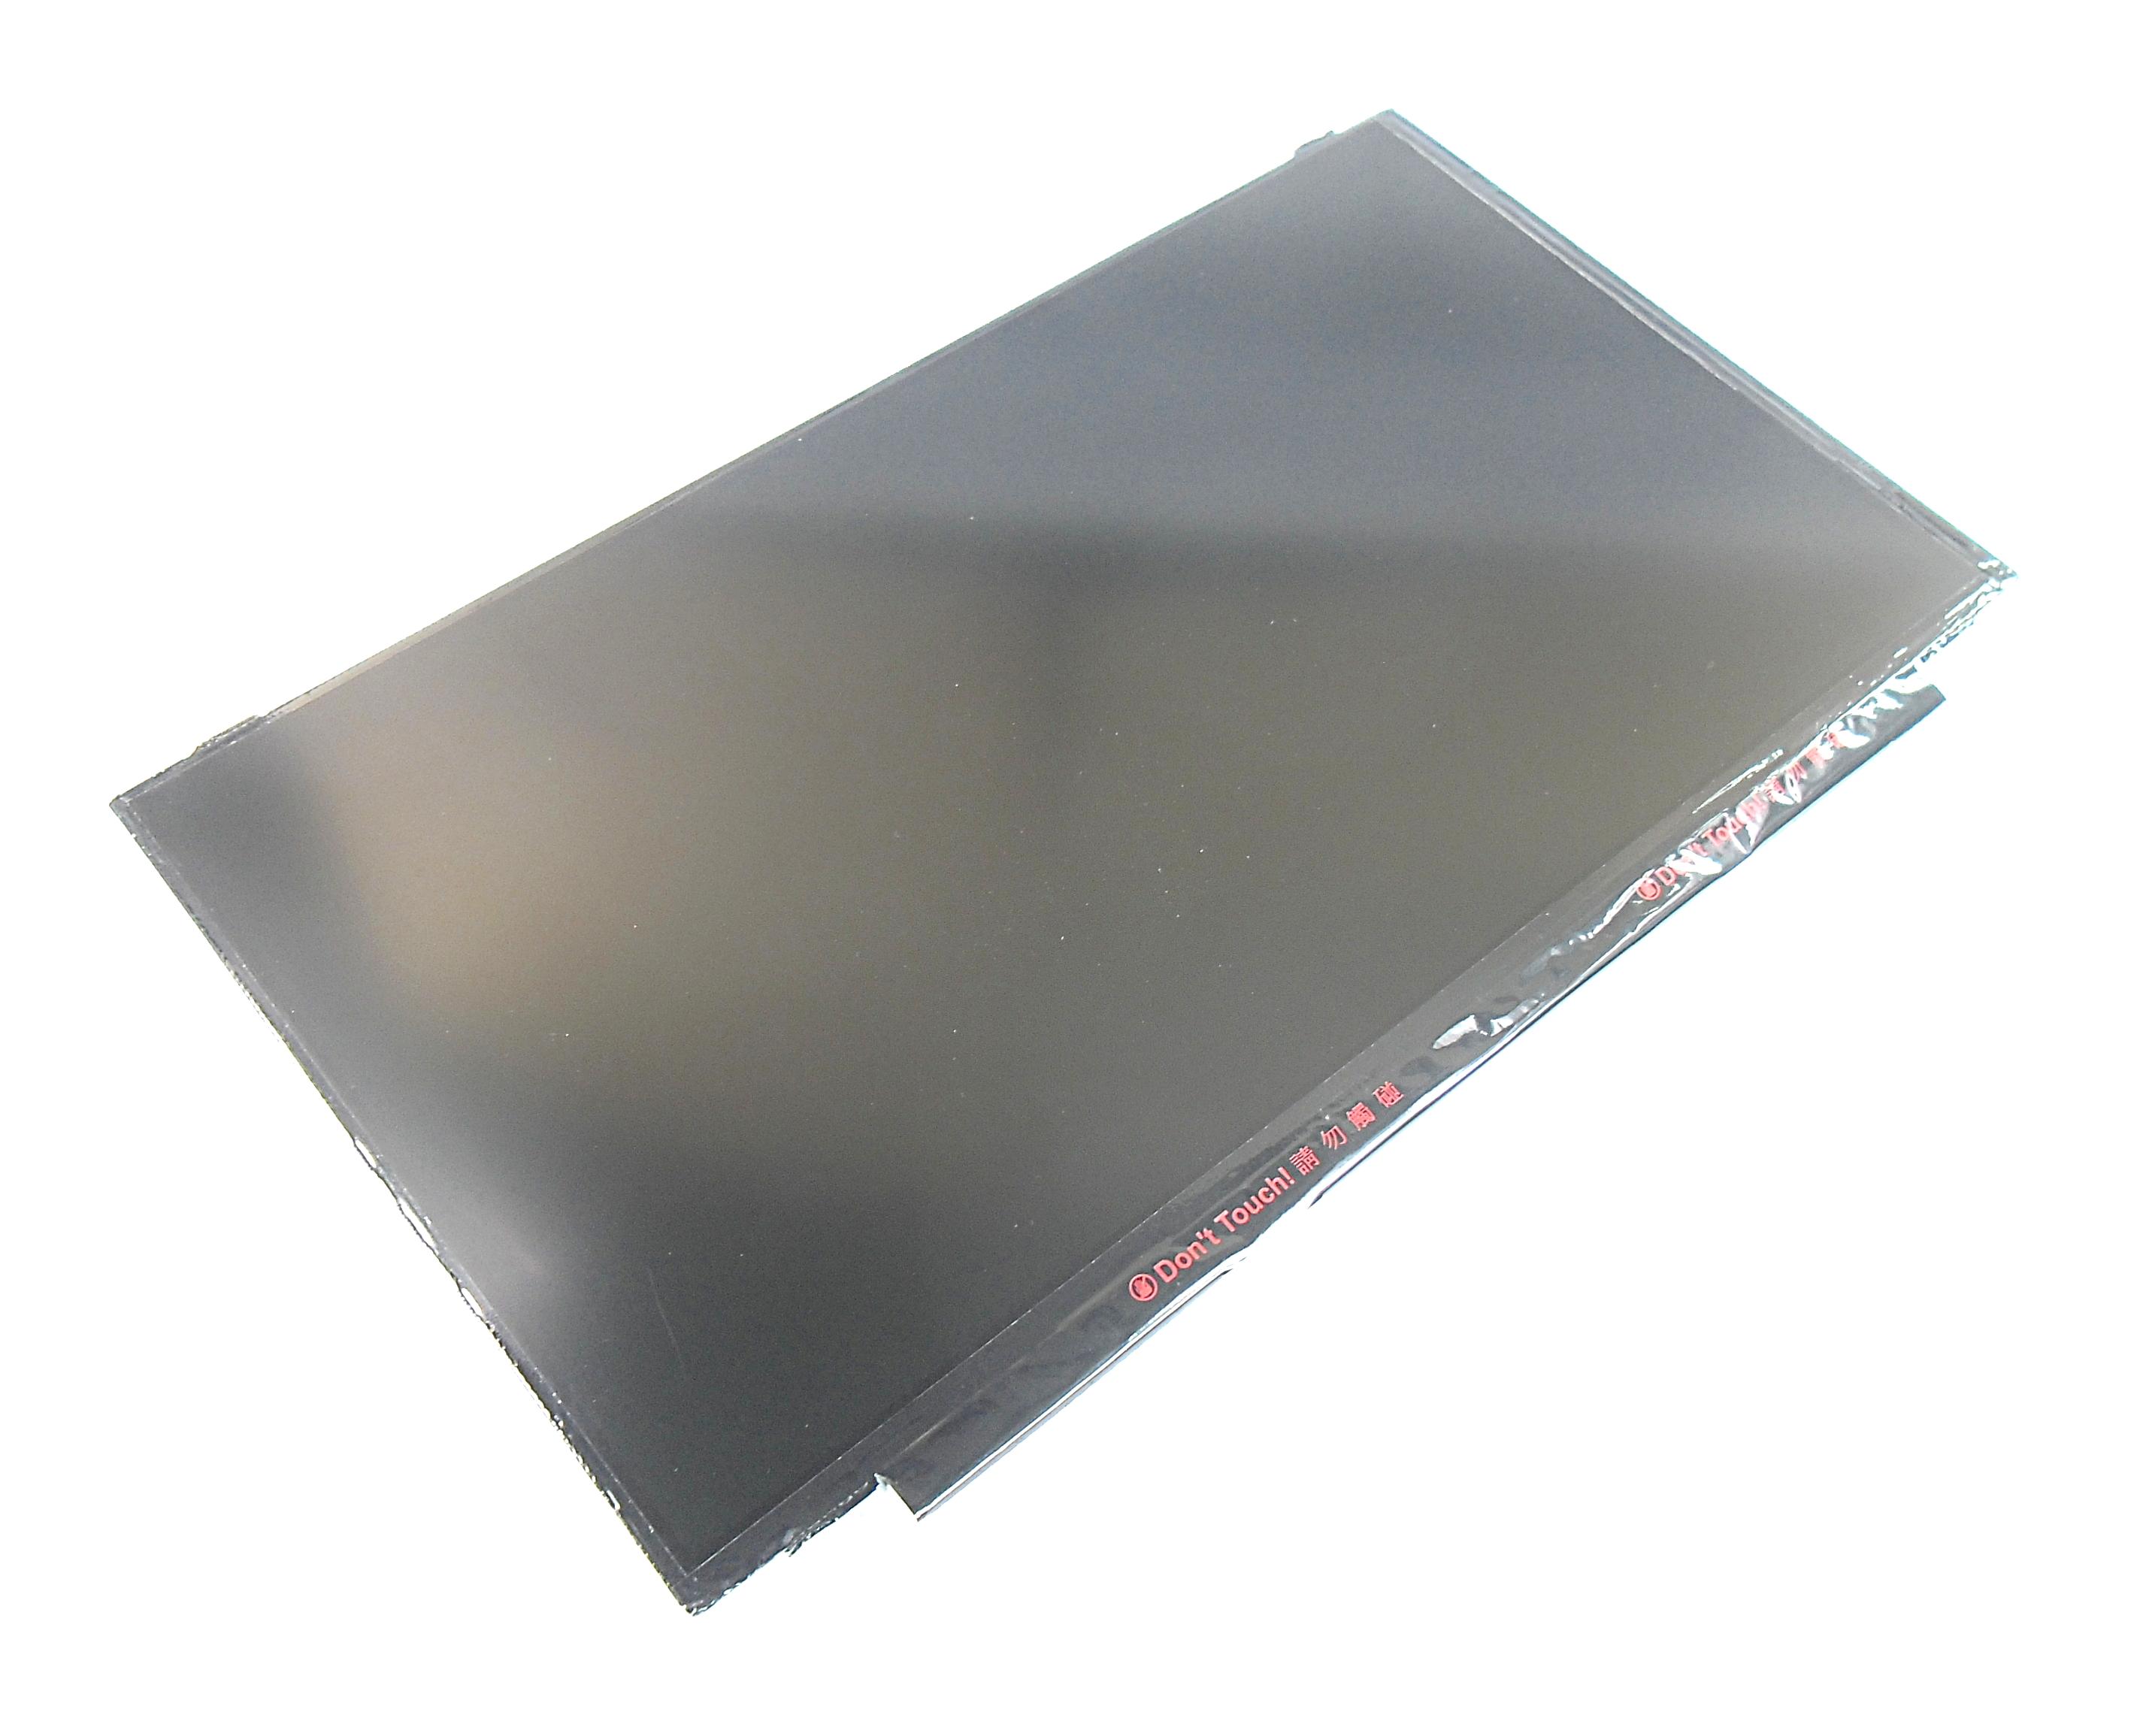 """Dell C0T2R 15.6"""" FHD 1920x1080 WLED TFT-LCD Slim Screen / Panel - B156HTN02.1"""